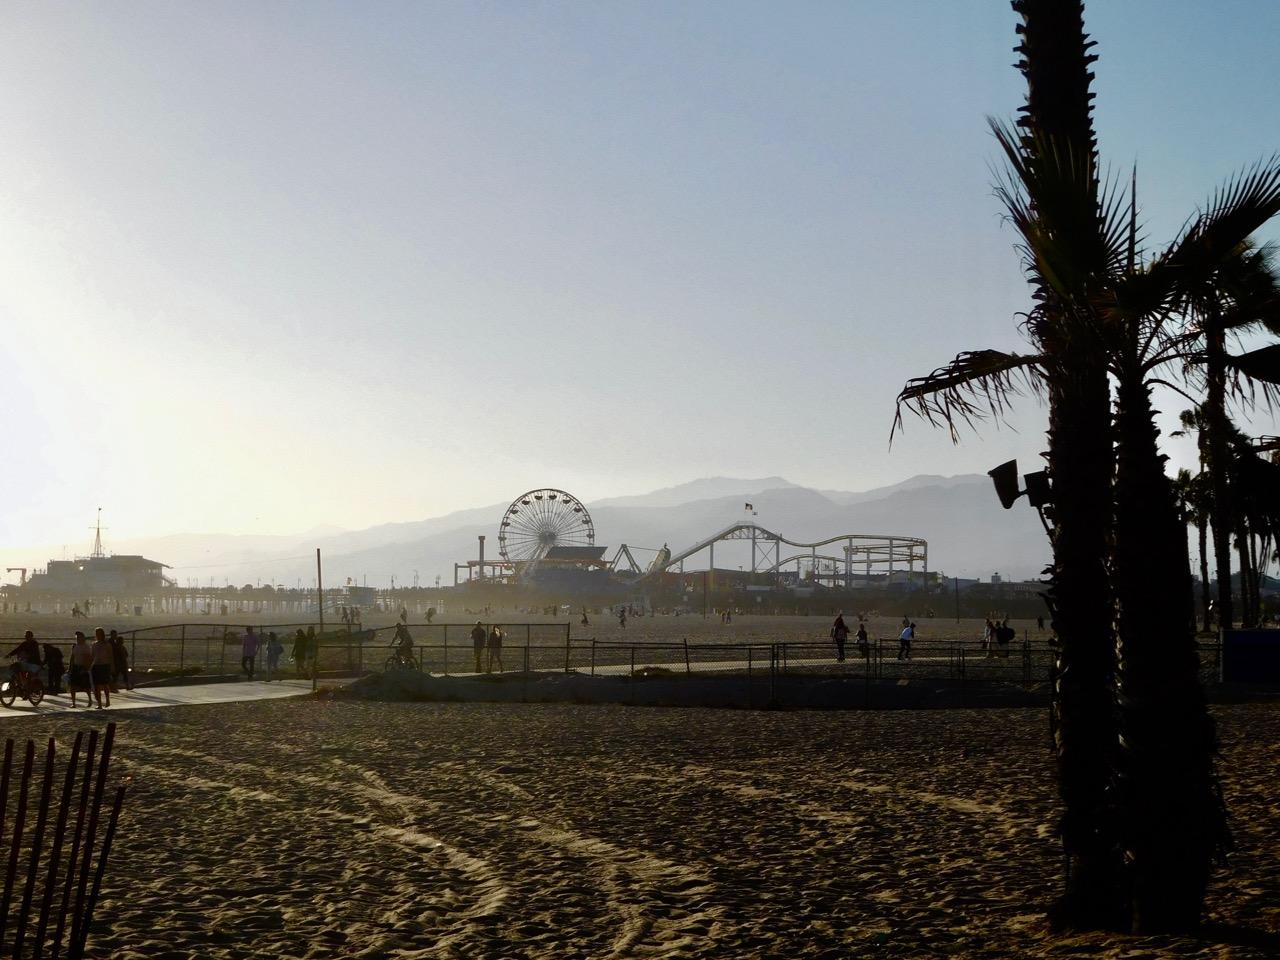 3 Days in L.A. - Venice Beach (2)